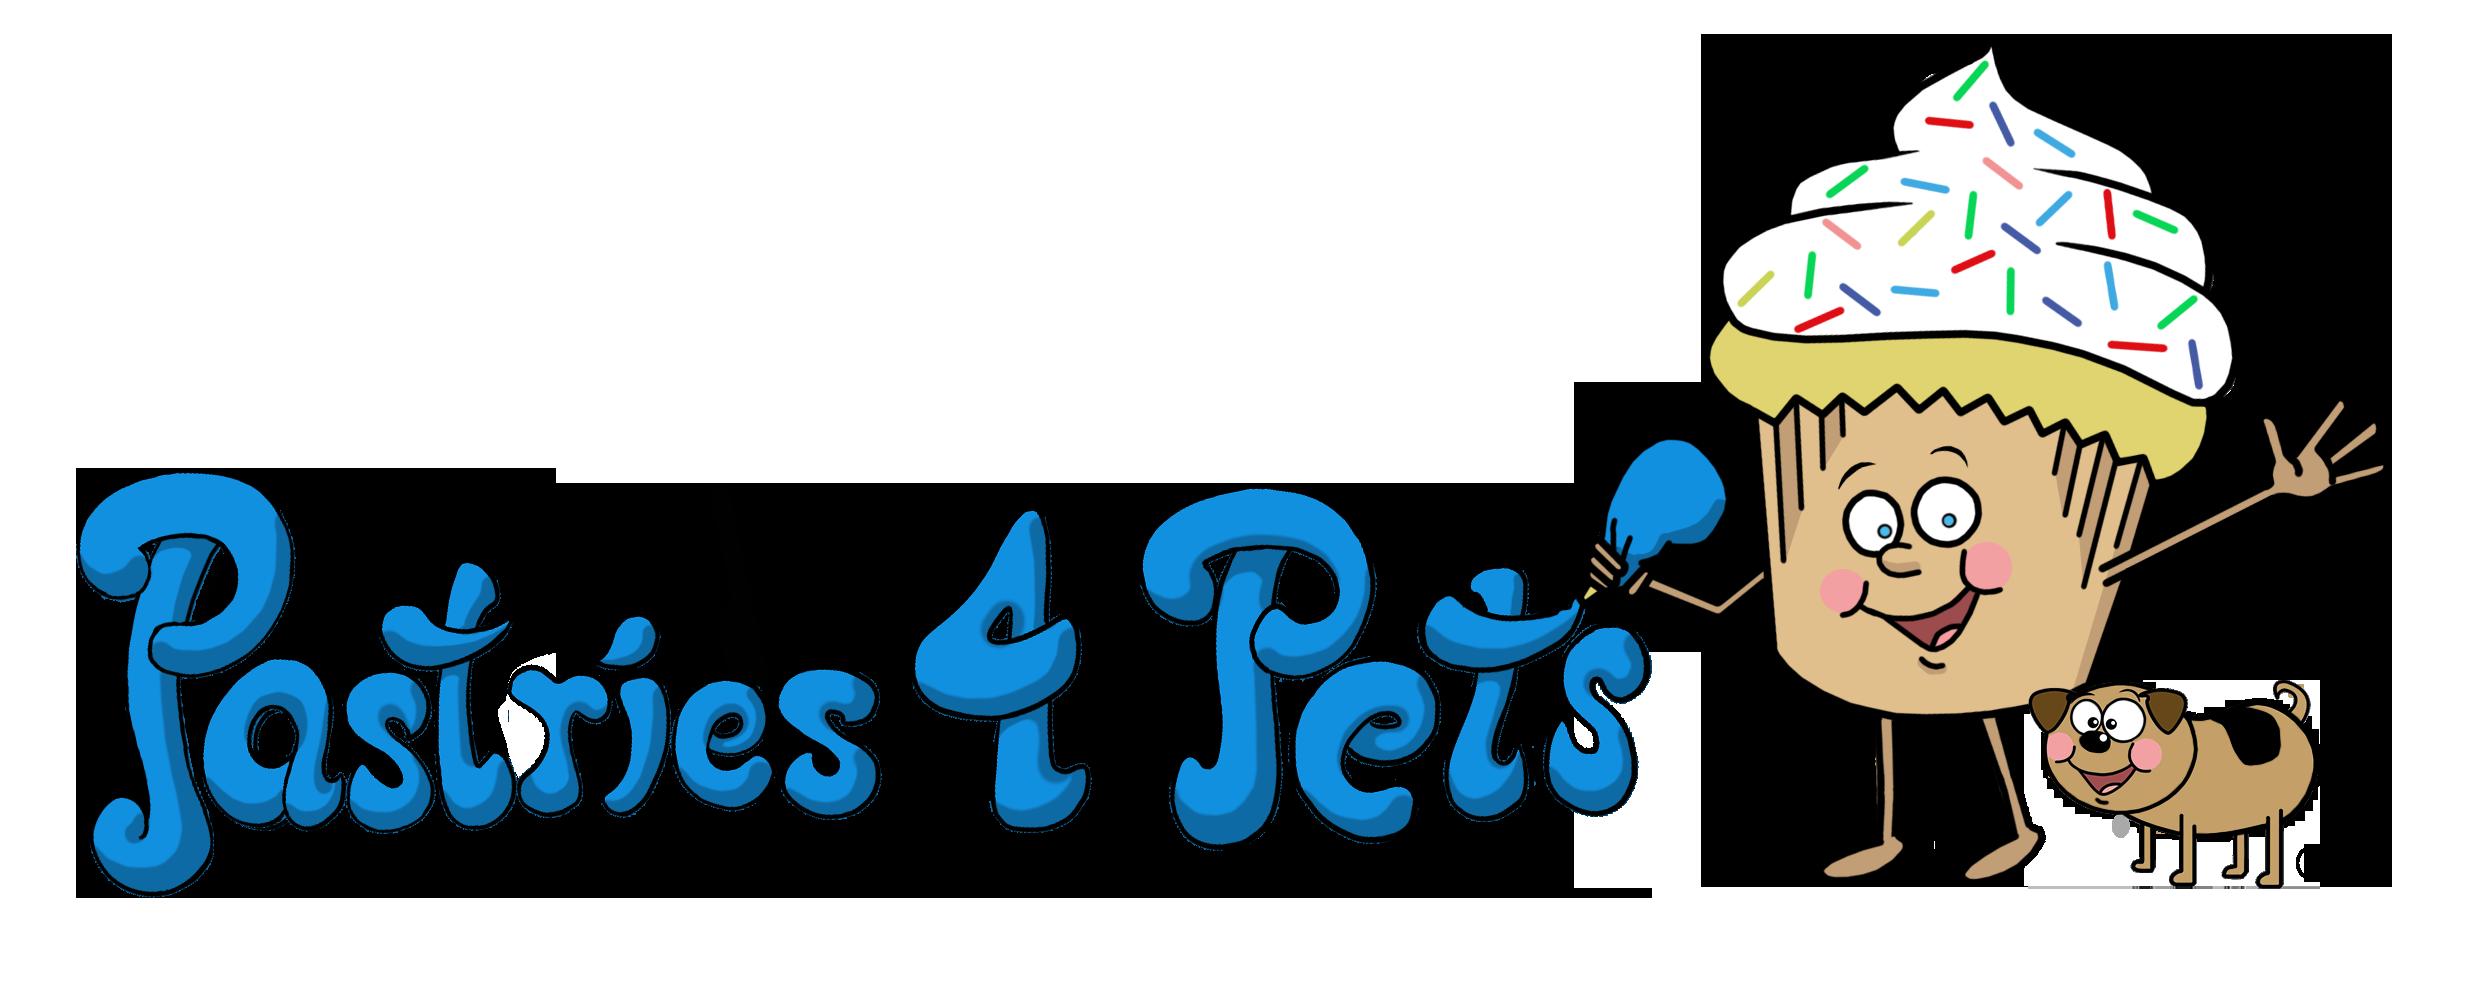 Pastries 4 Pets